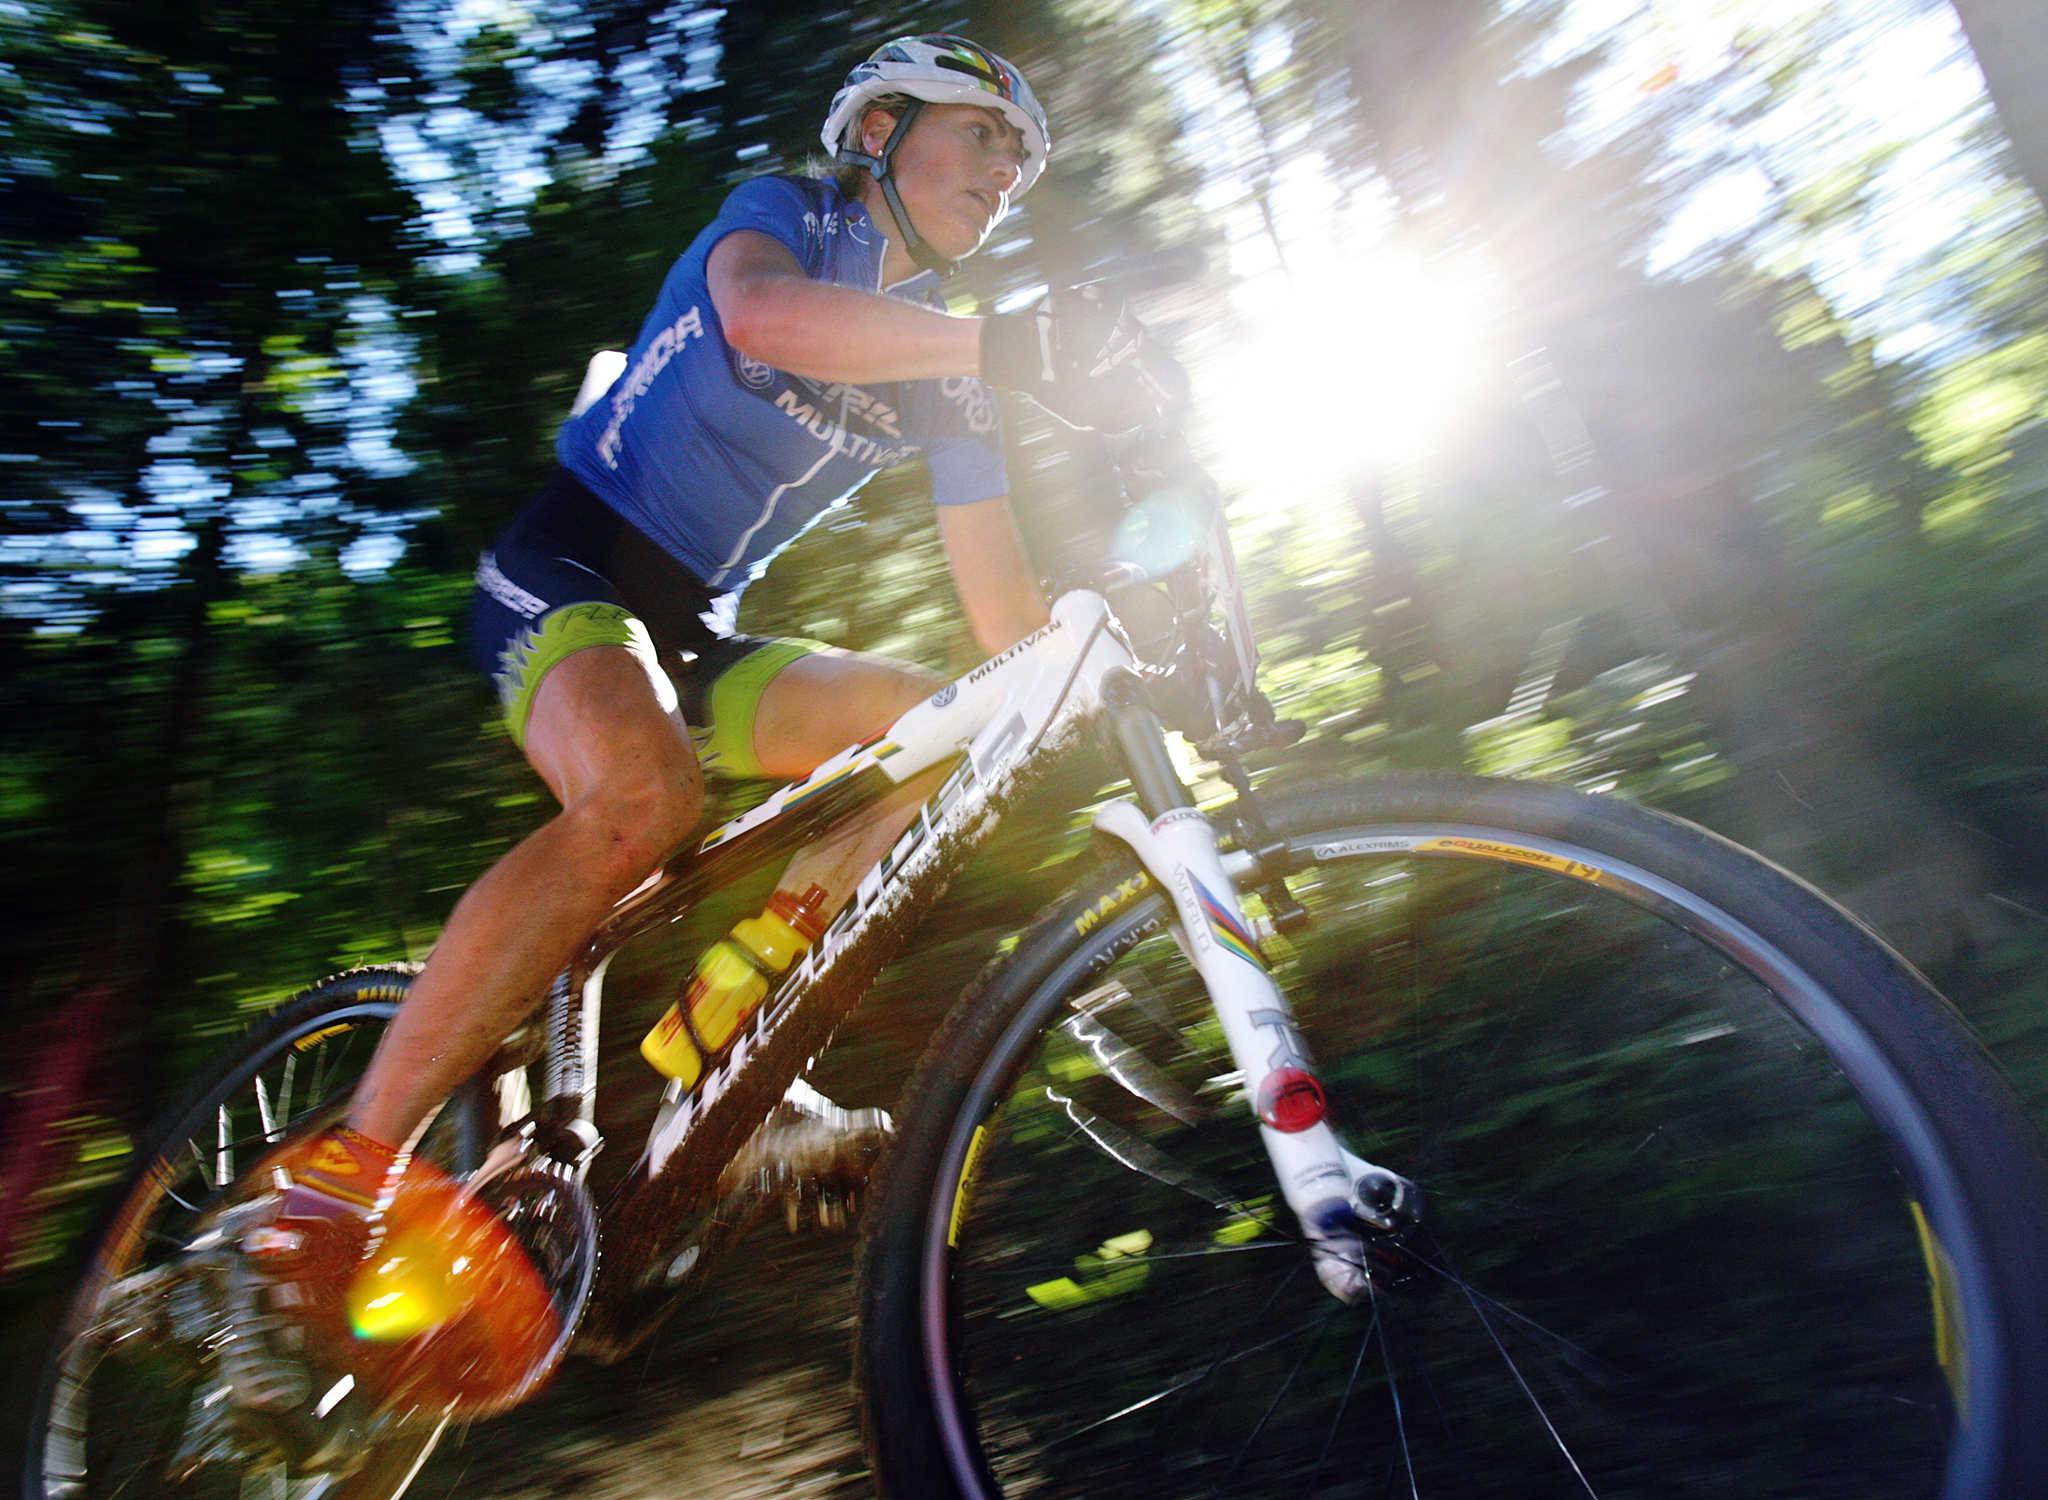 E Bike Versicherung: Pflicht oder freiwillig? | HDI